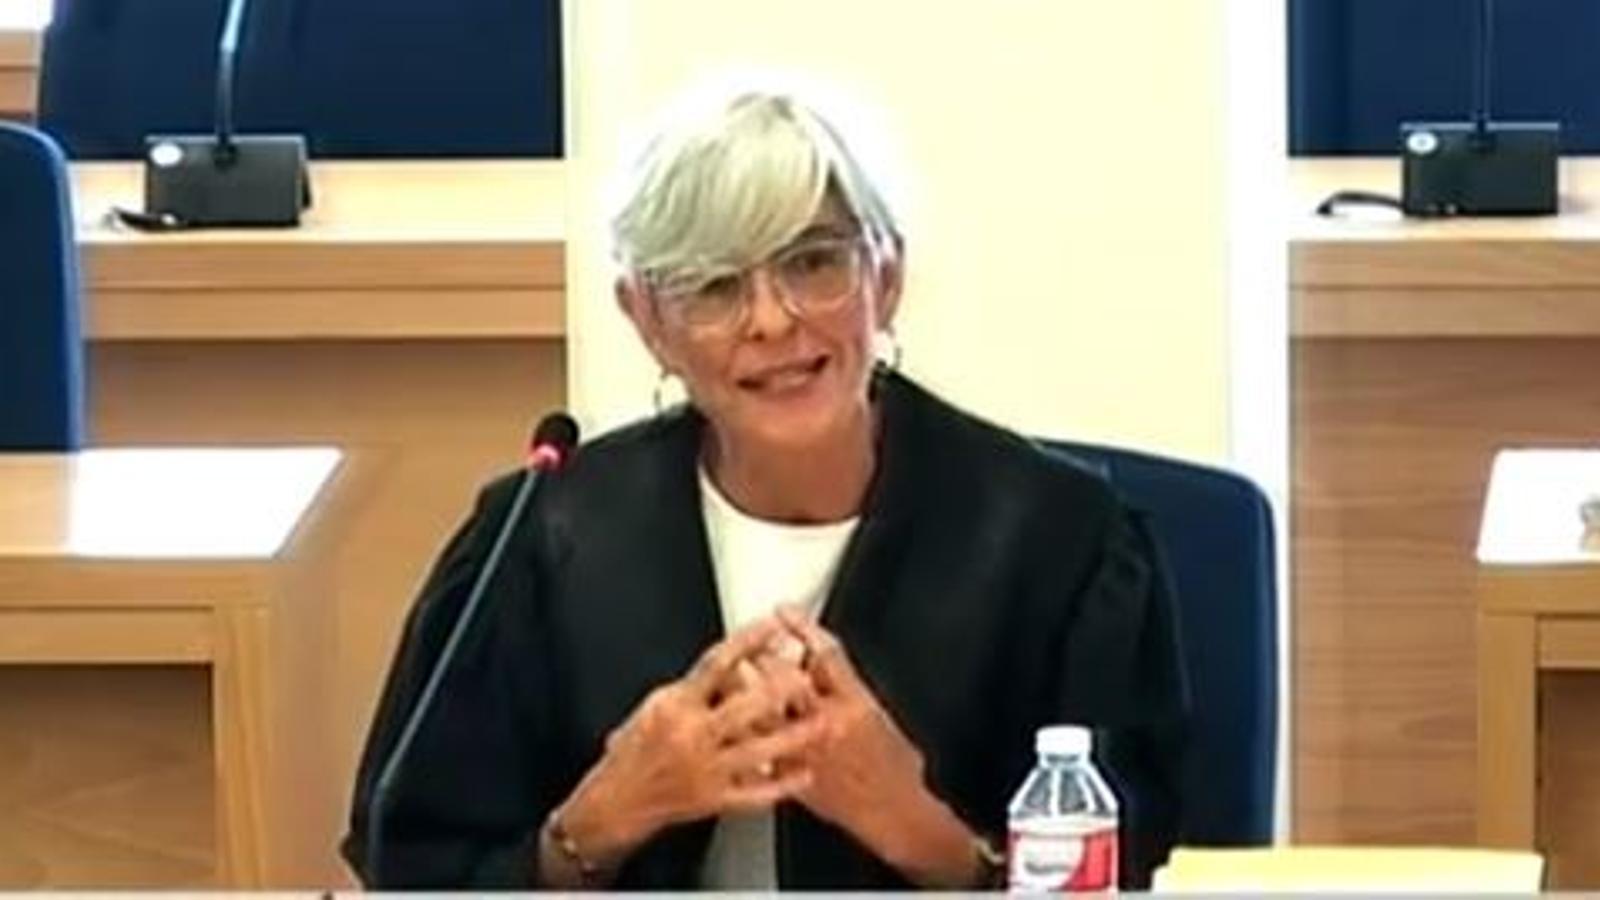 Olga Tubau, advocada del major dels Mossos, Josep Lluís Trapero, exposant l'informe final a l'Audiència Nacional